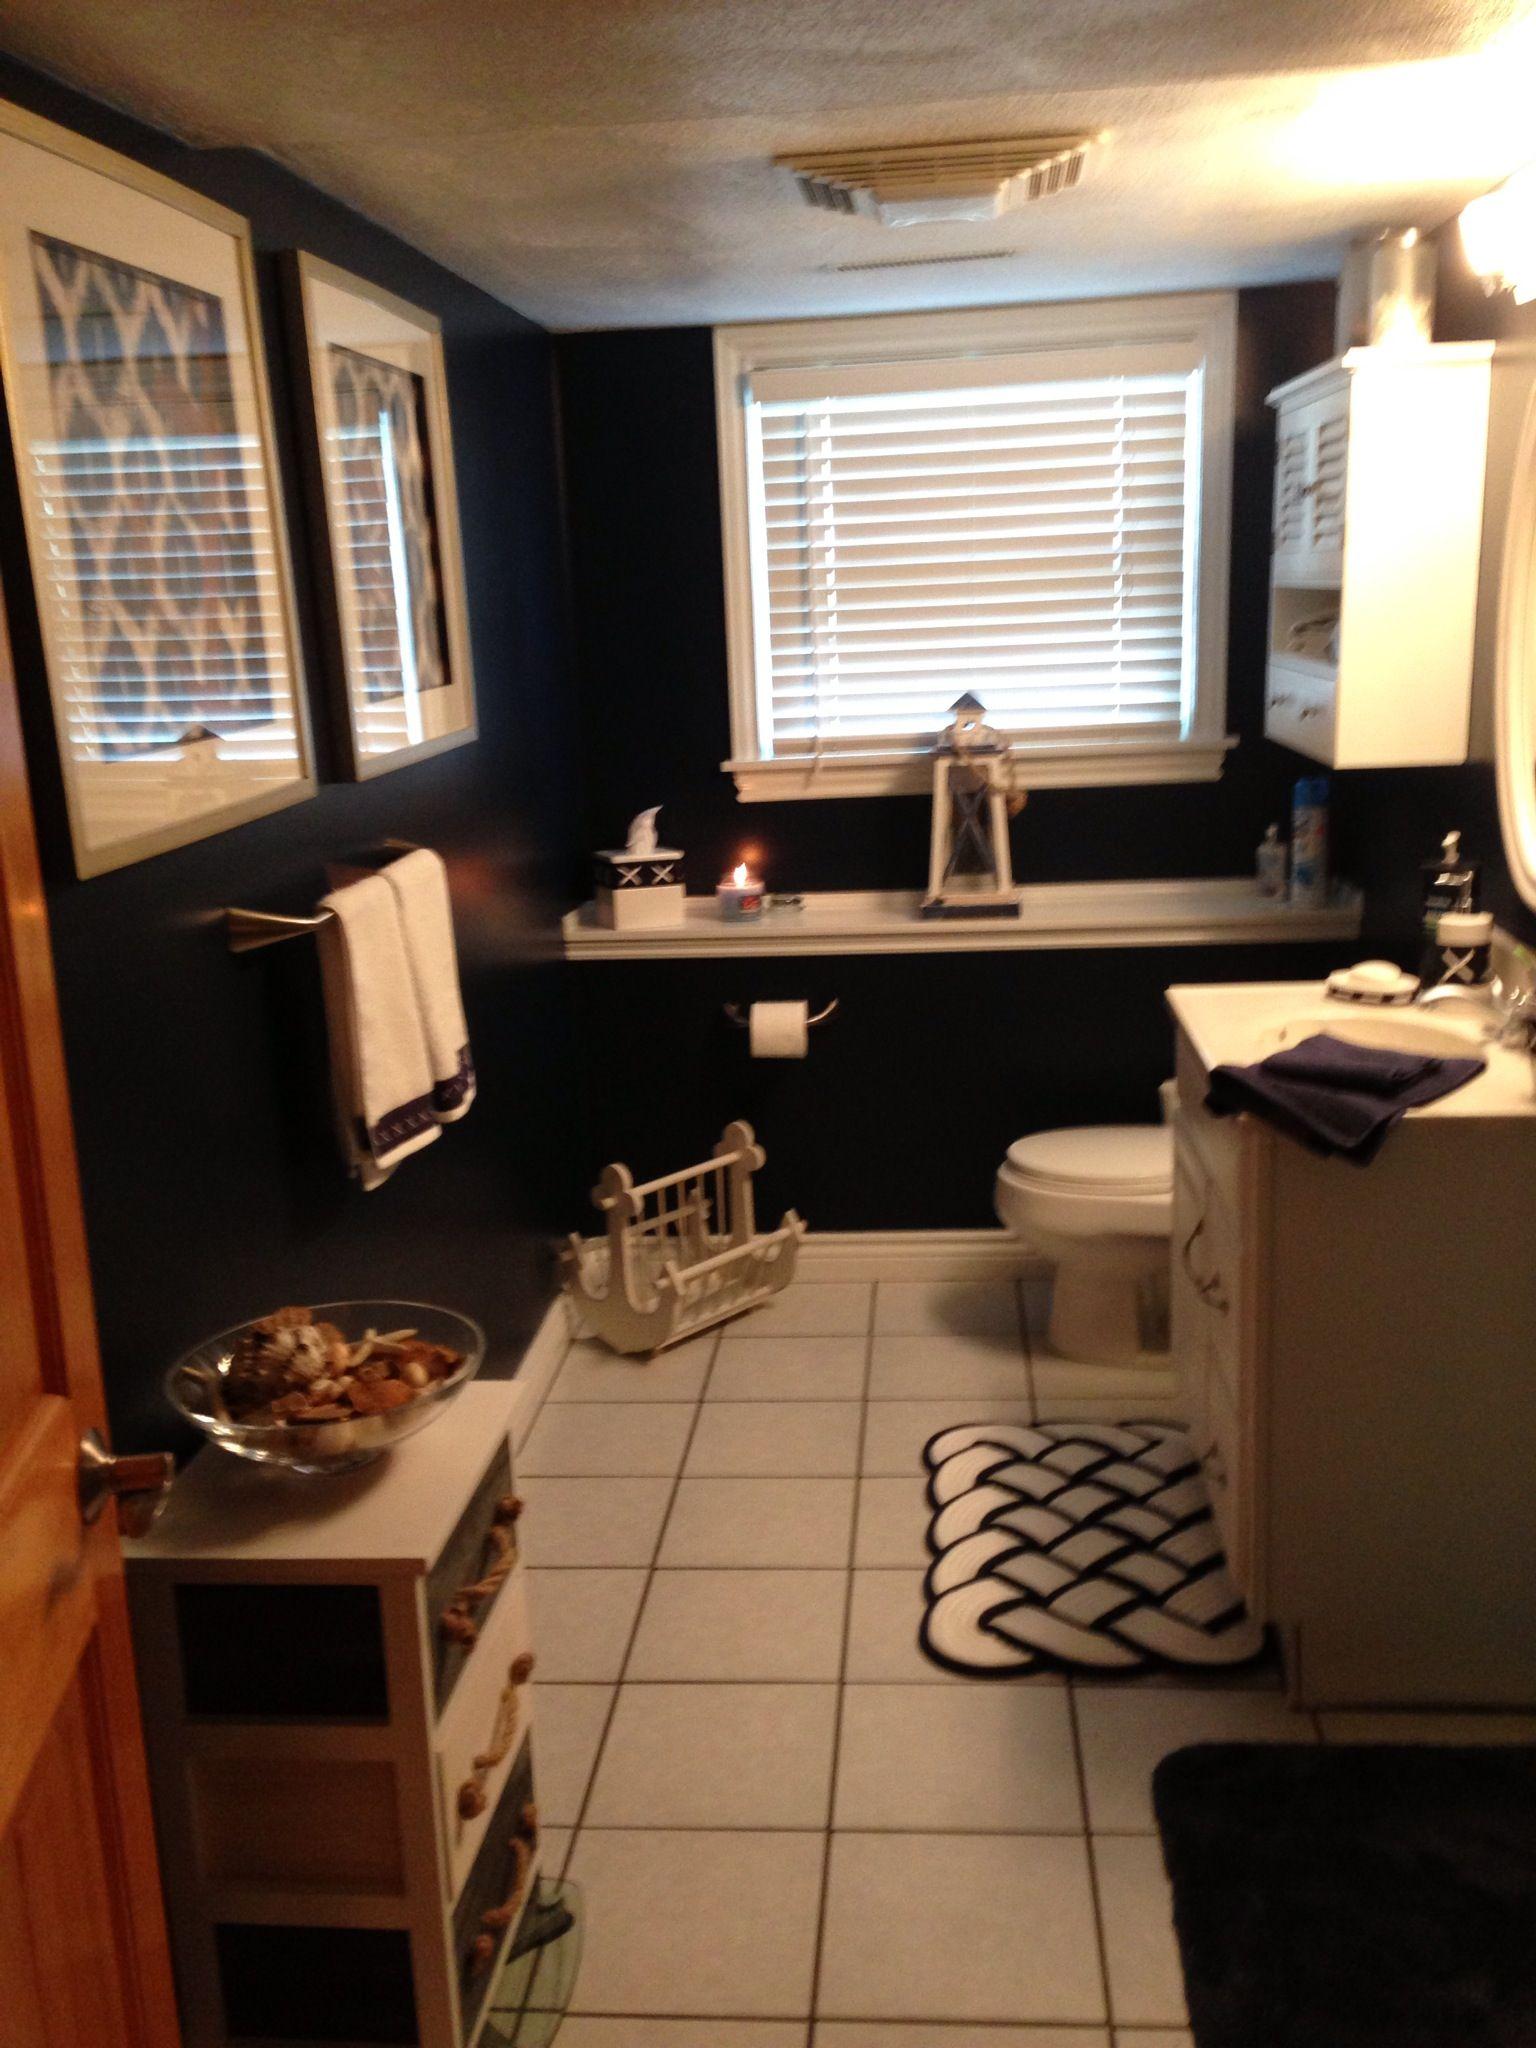 Bathroom Decor Nautical Home Decor Ideas Pinterest Home Design 2017